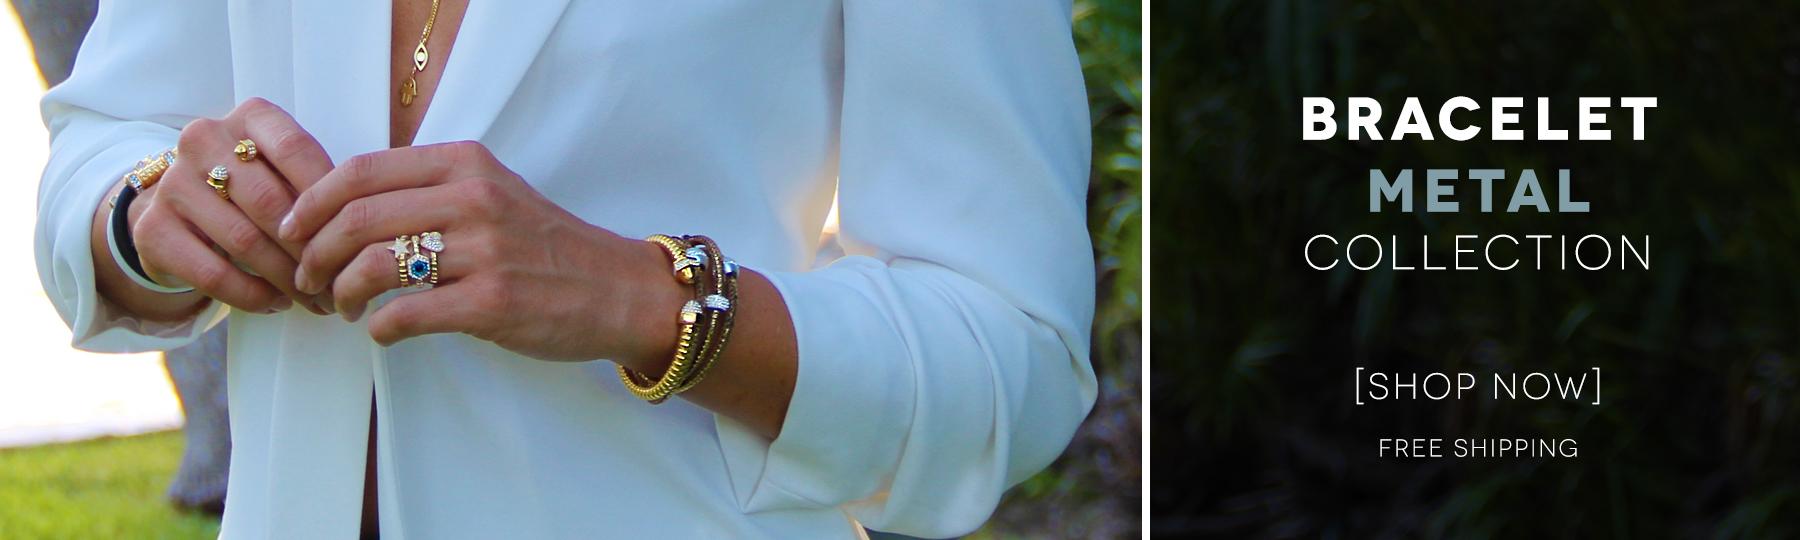 banner-women-metal-bracelets-mh11-10-16.jpg